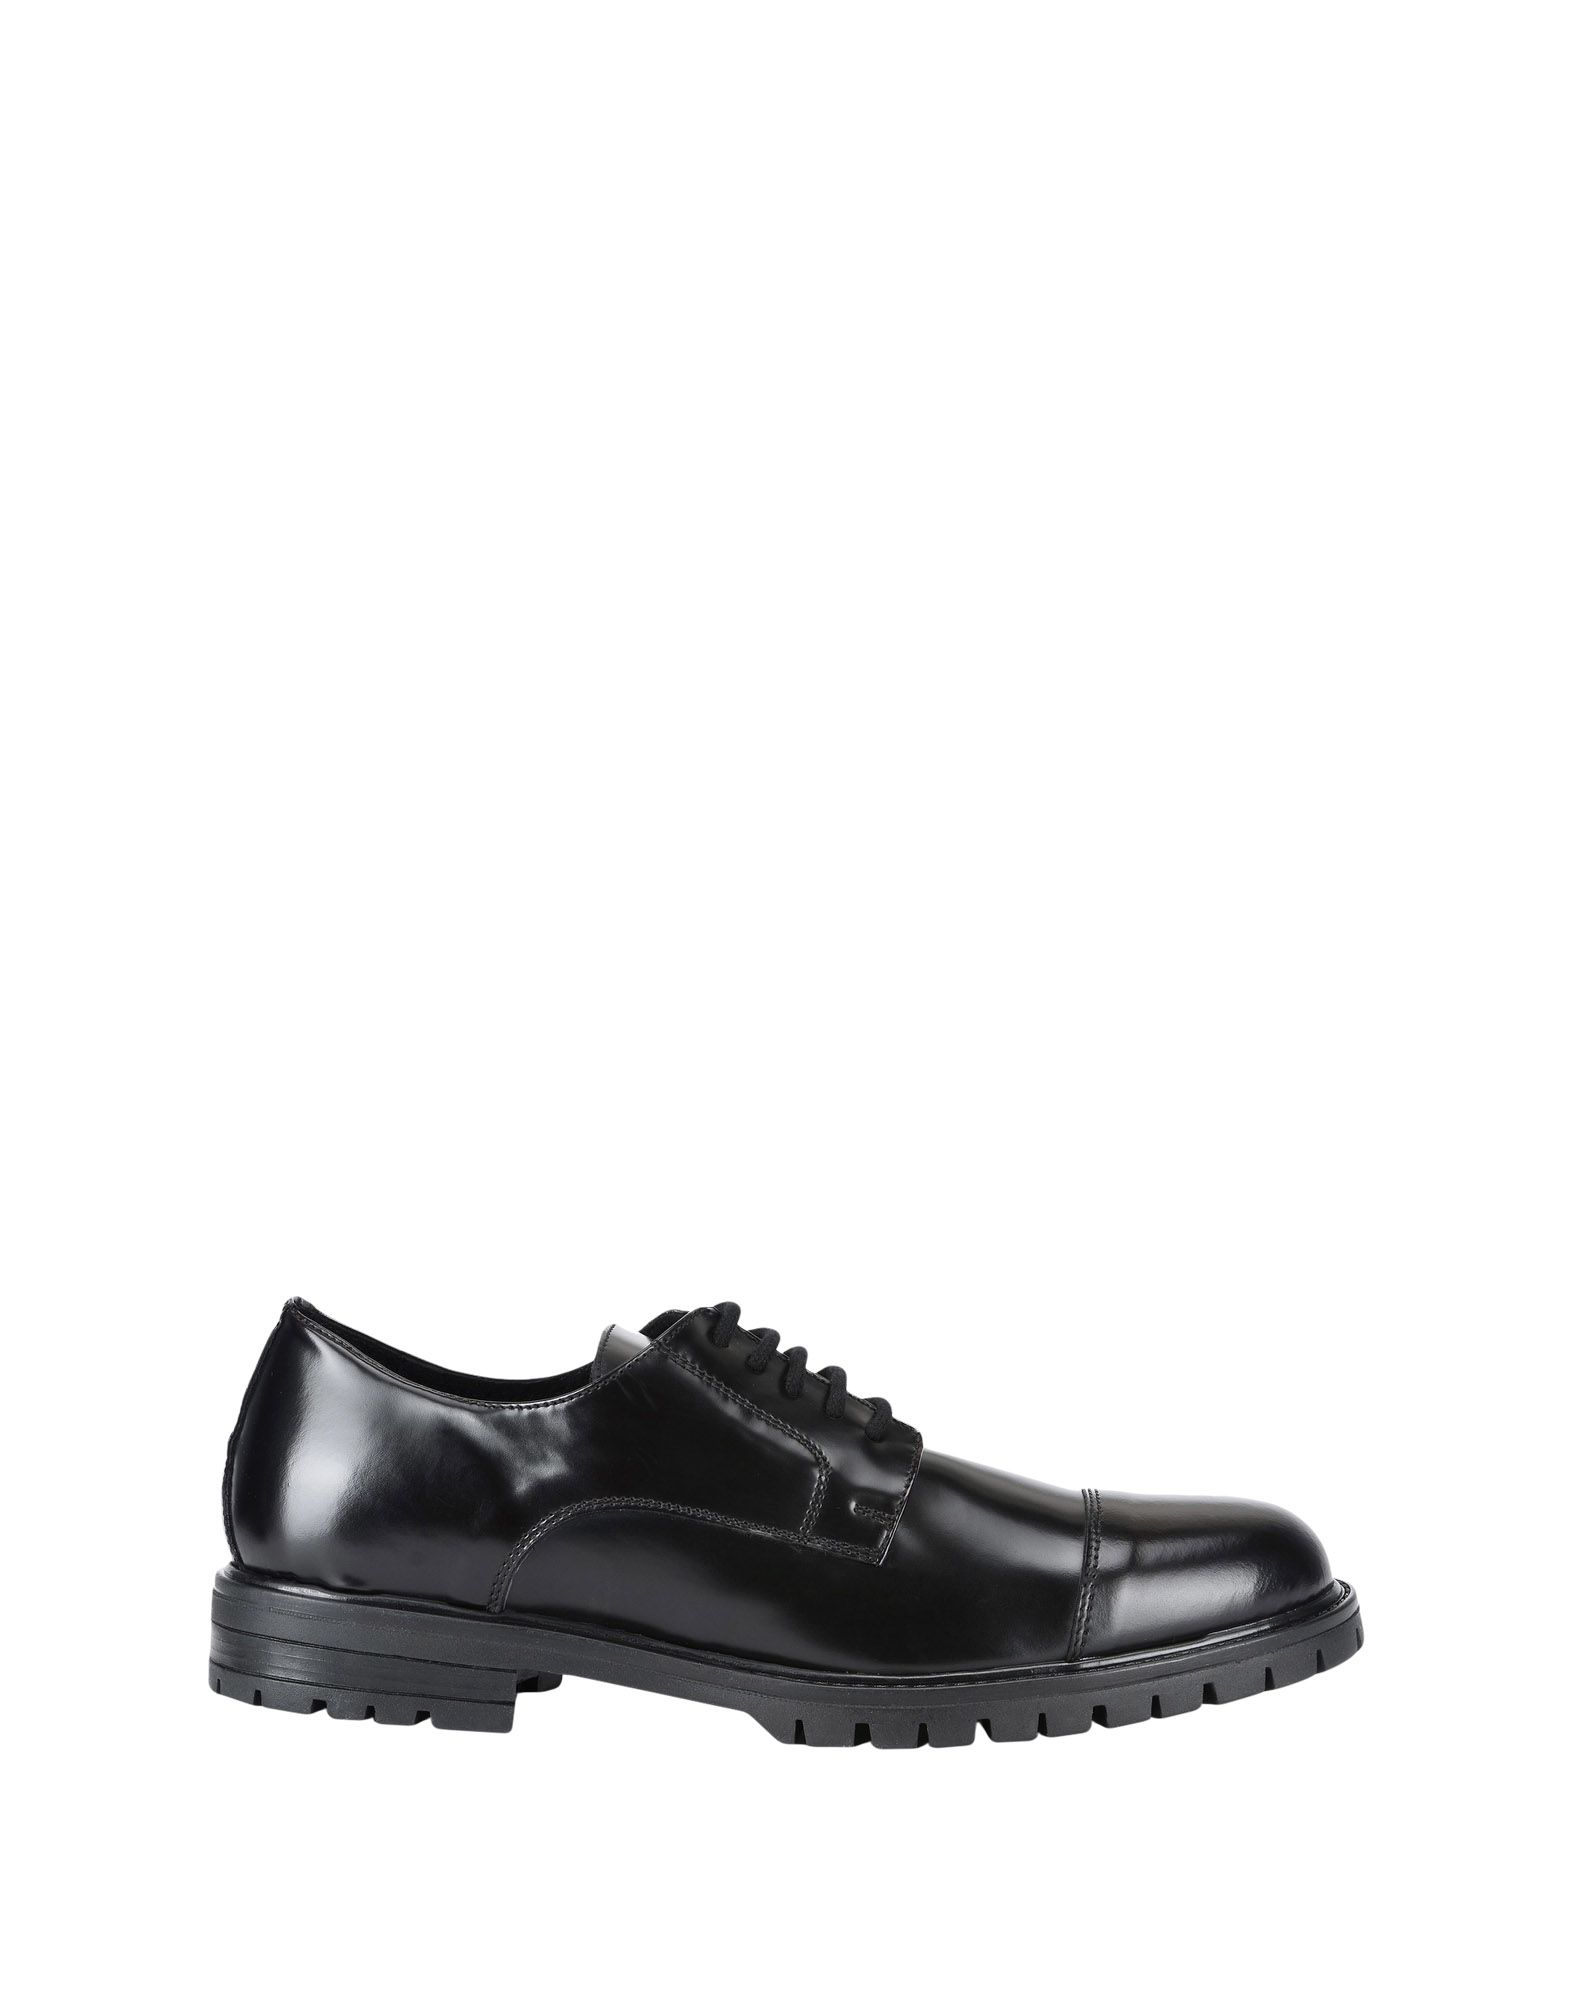 Ylati Heritage Schnürschuhe Herren  11482889AA Gute Qualität beliebte Schuhe